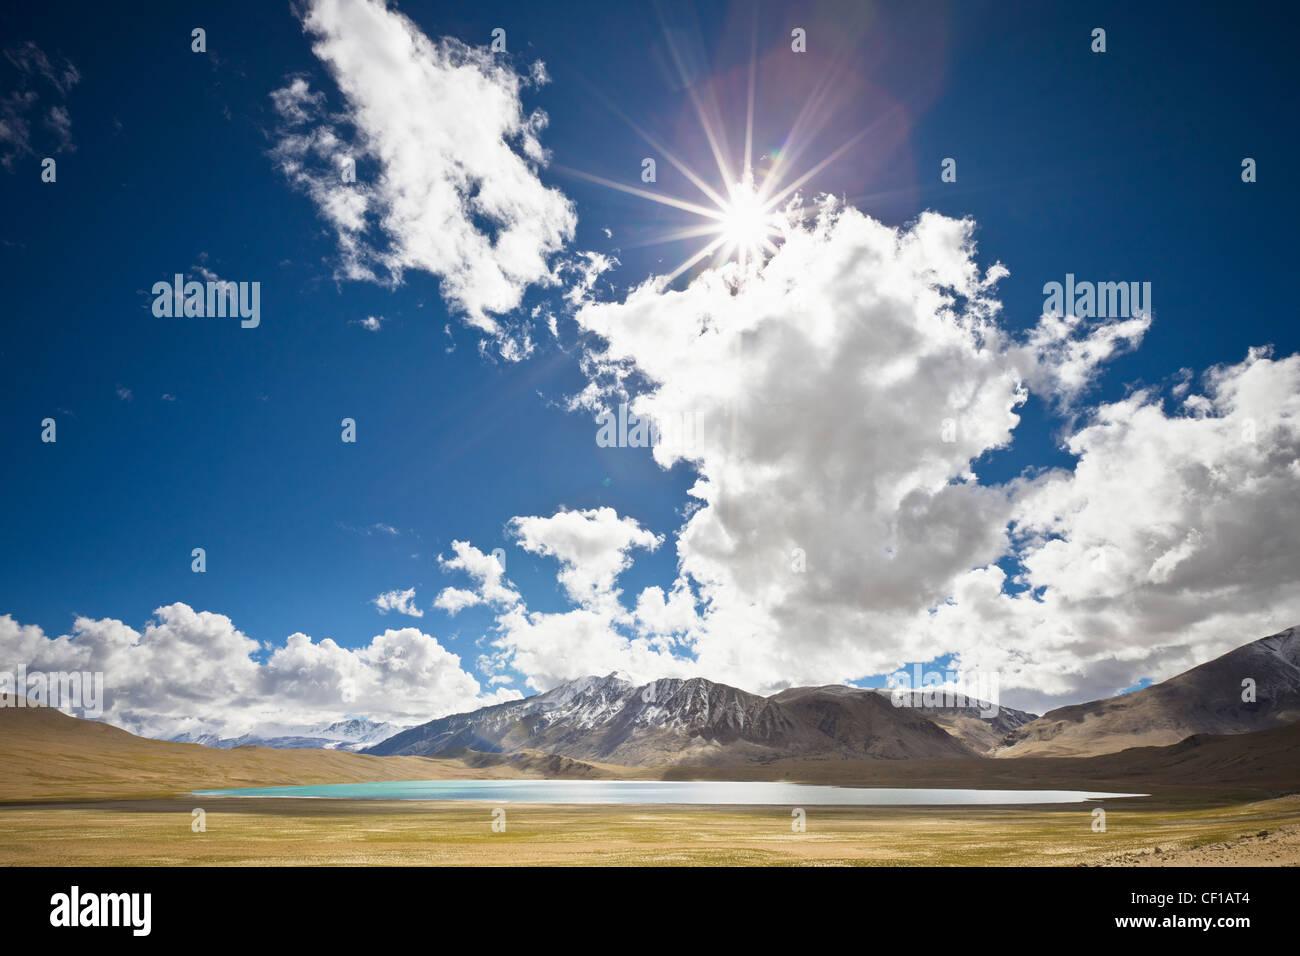 La luz del sol y la nube sobre un lago y montañas; Ladakh Jammu y Cachemira india Imagen De Stock